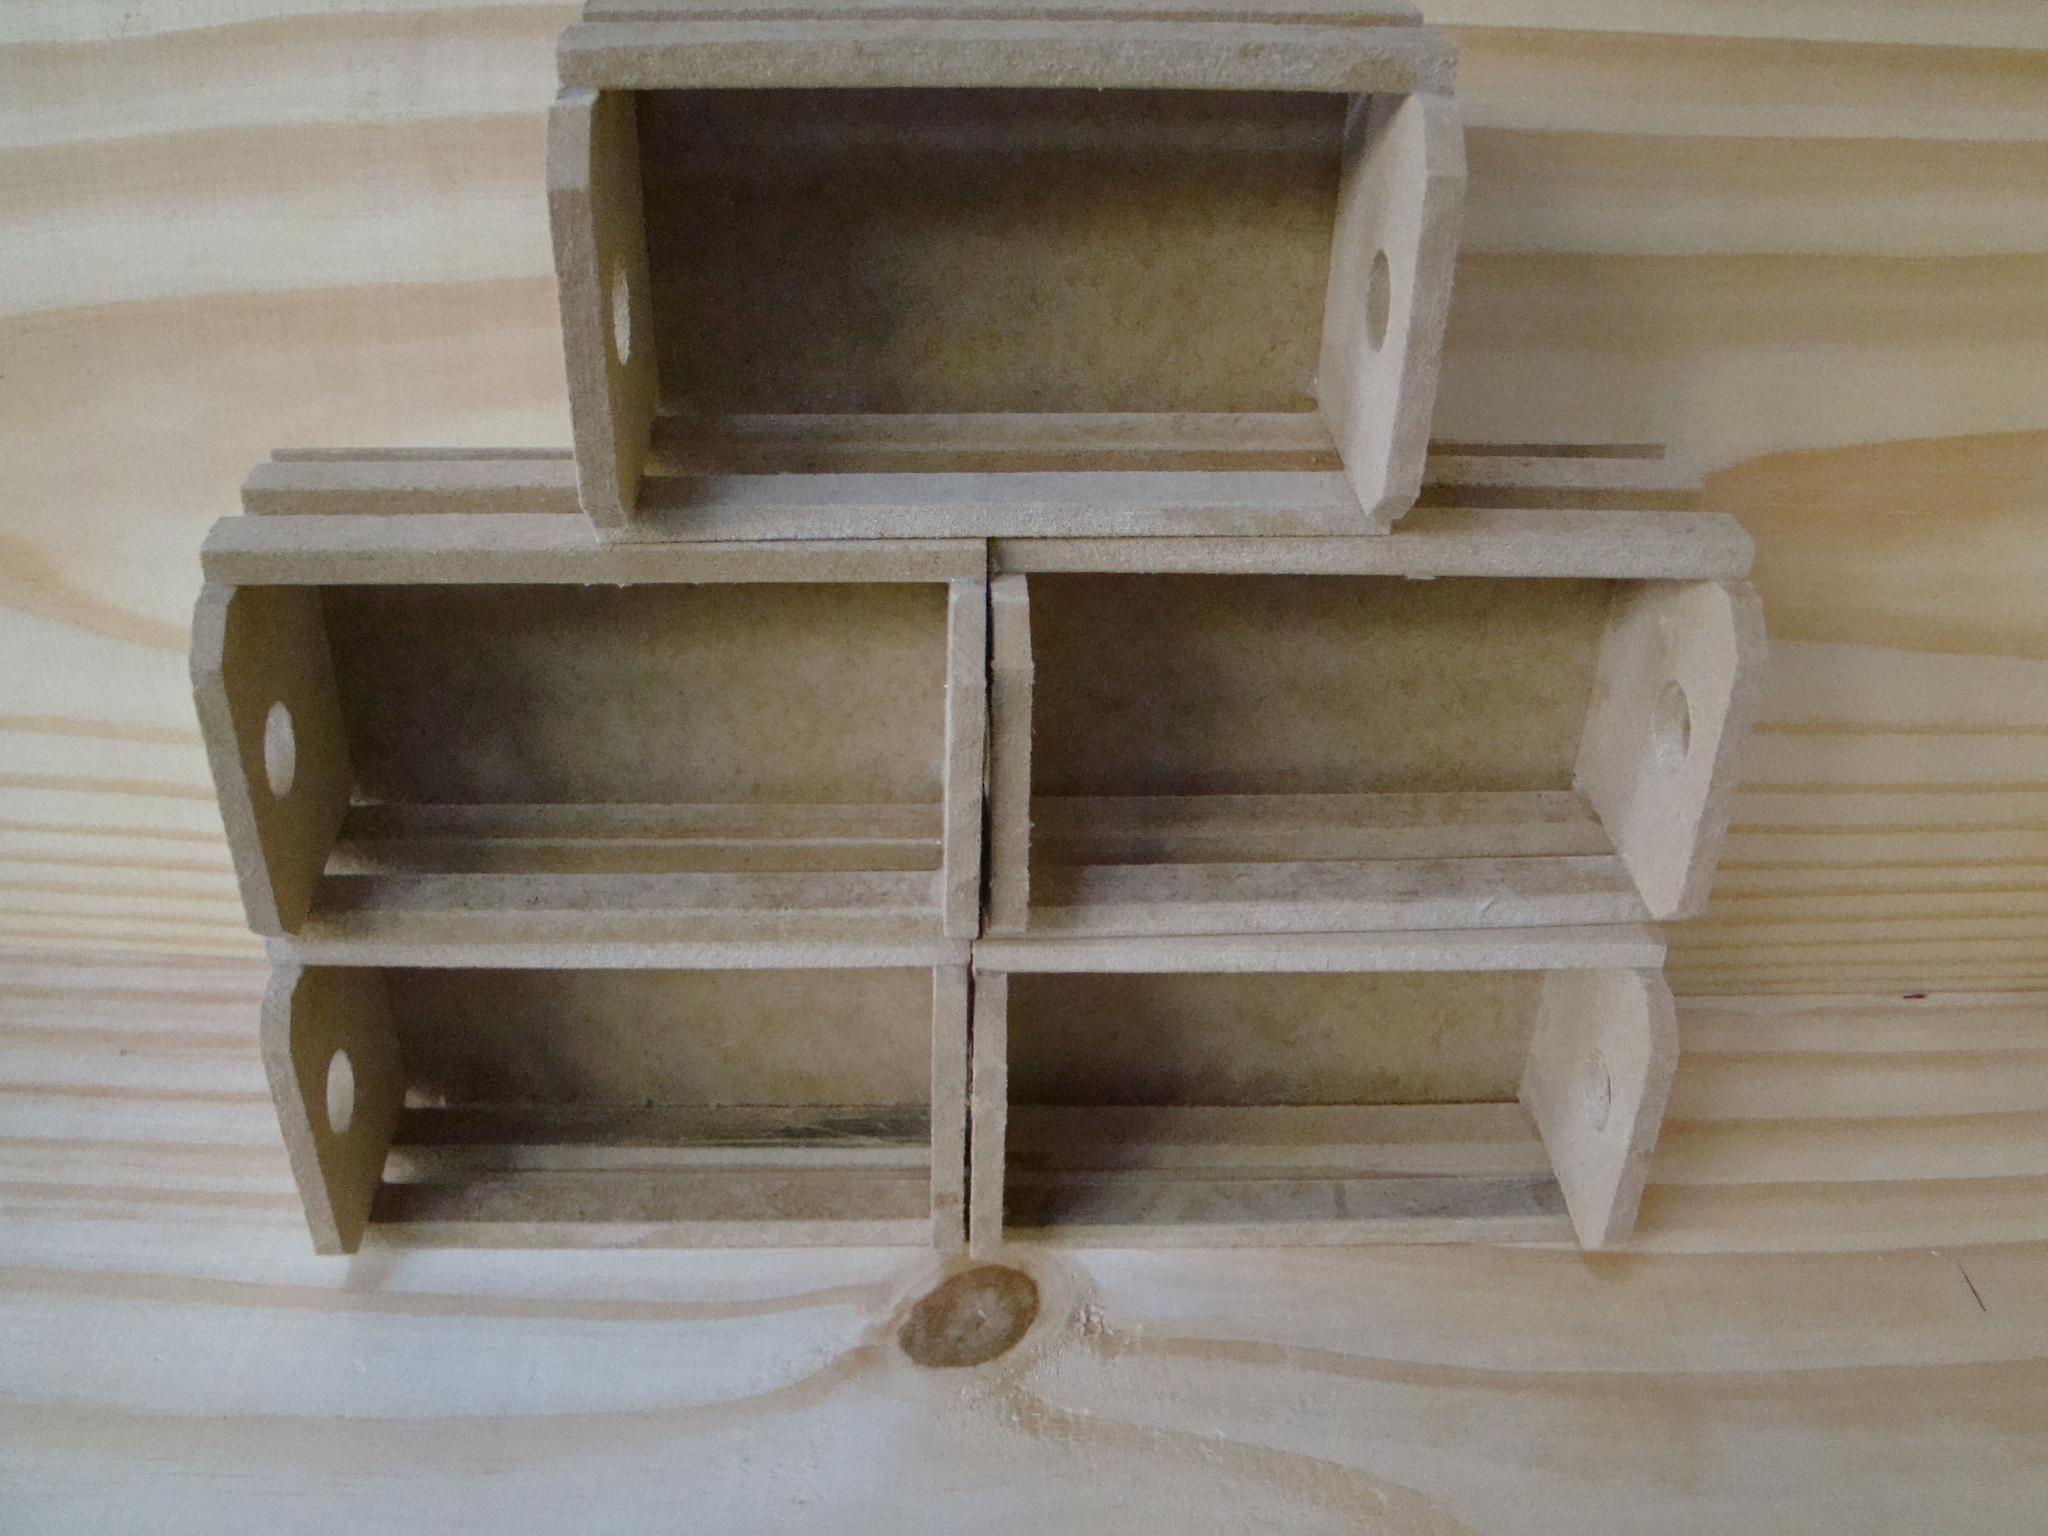 em mdf mini caixote de feira em mdf mini caixote de feira em mdf #3C3022 2048x1536